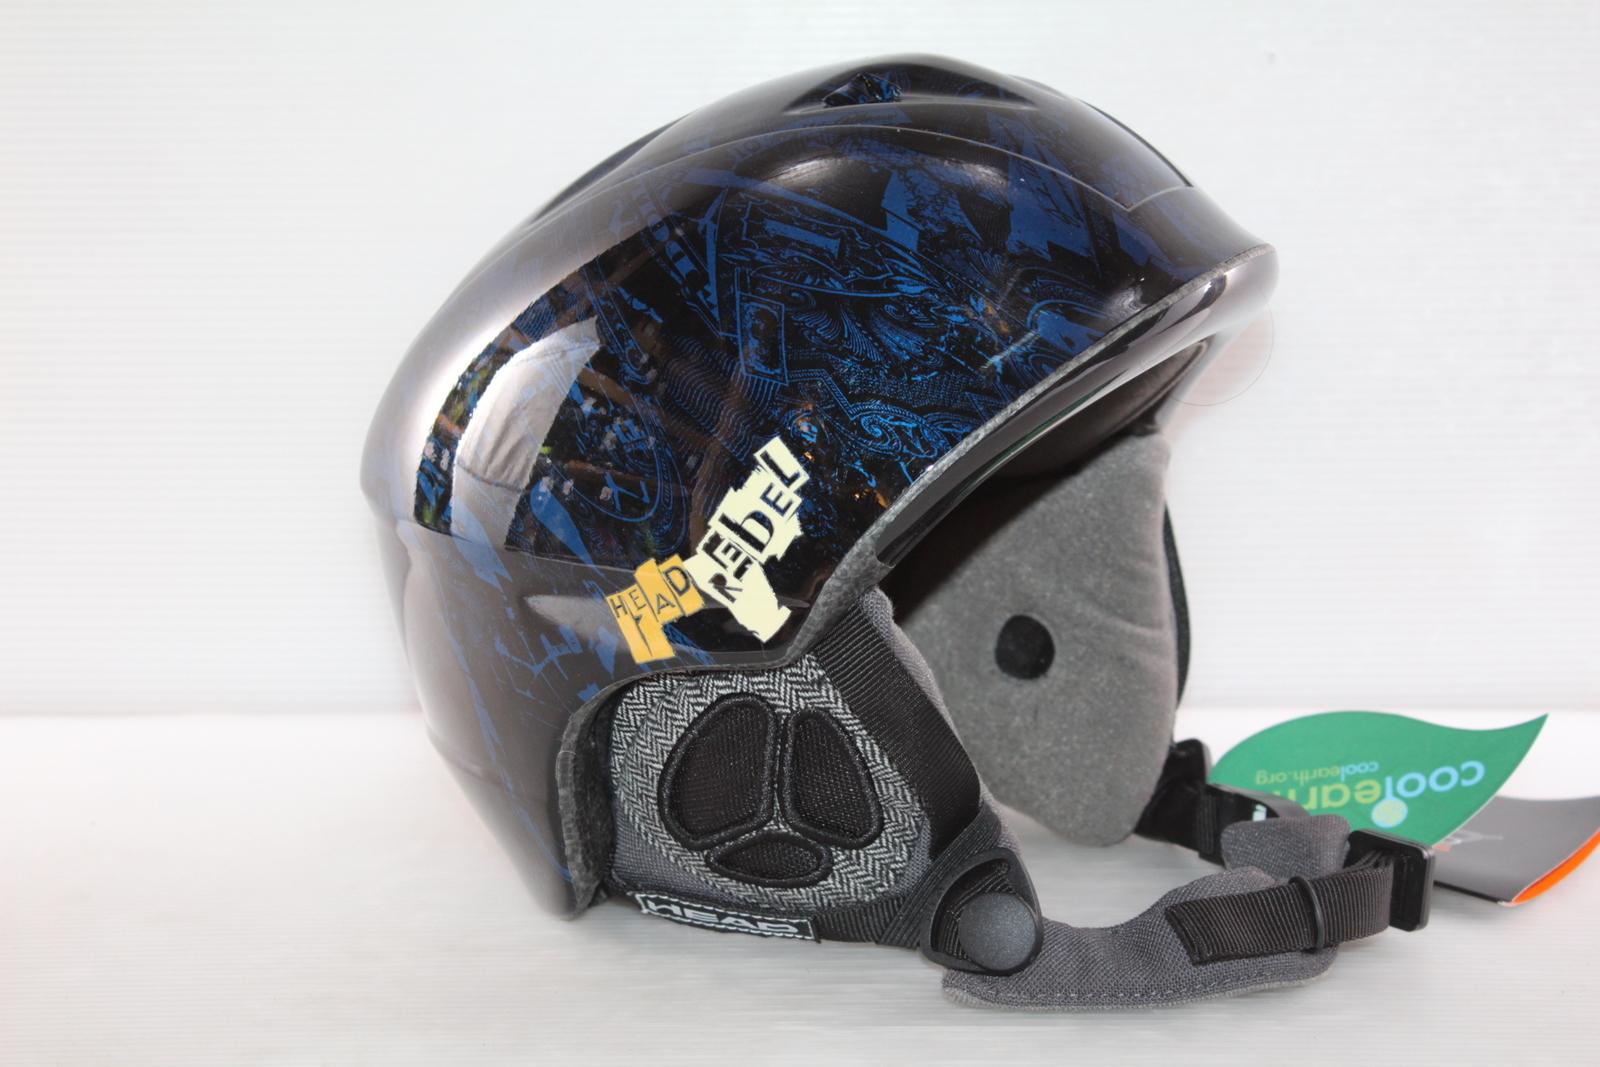 Dámská lyžařská helma Head Rebel vel. 54